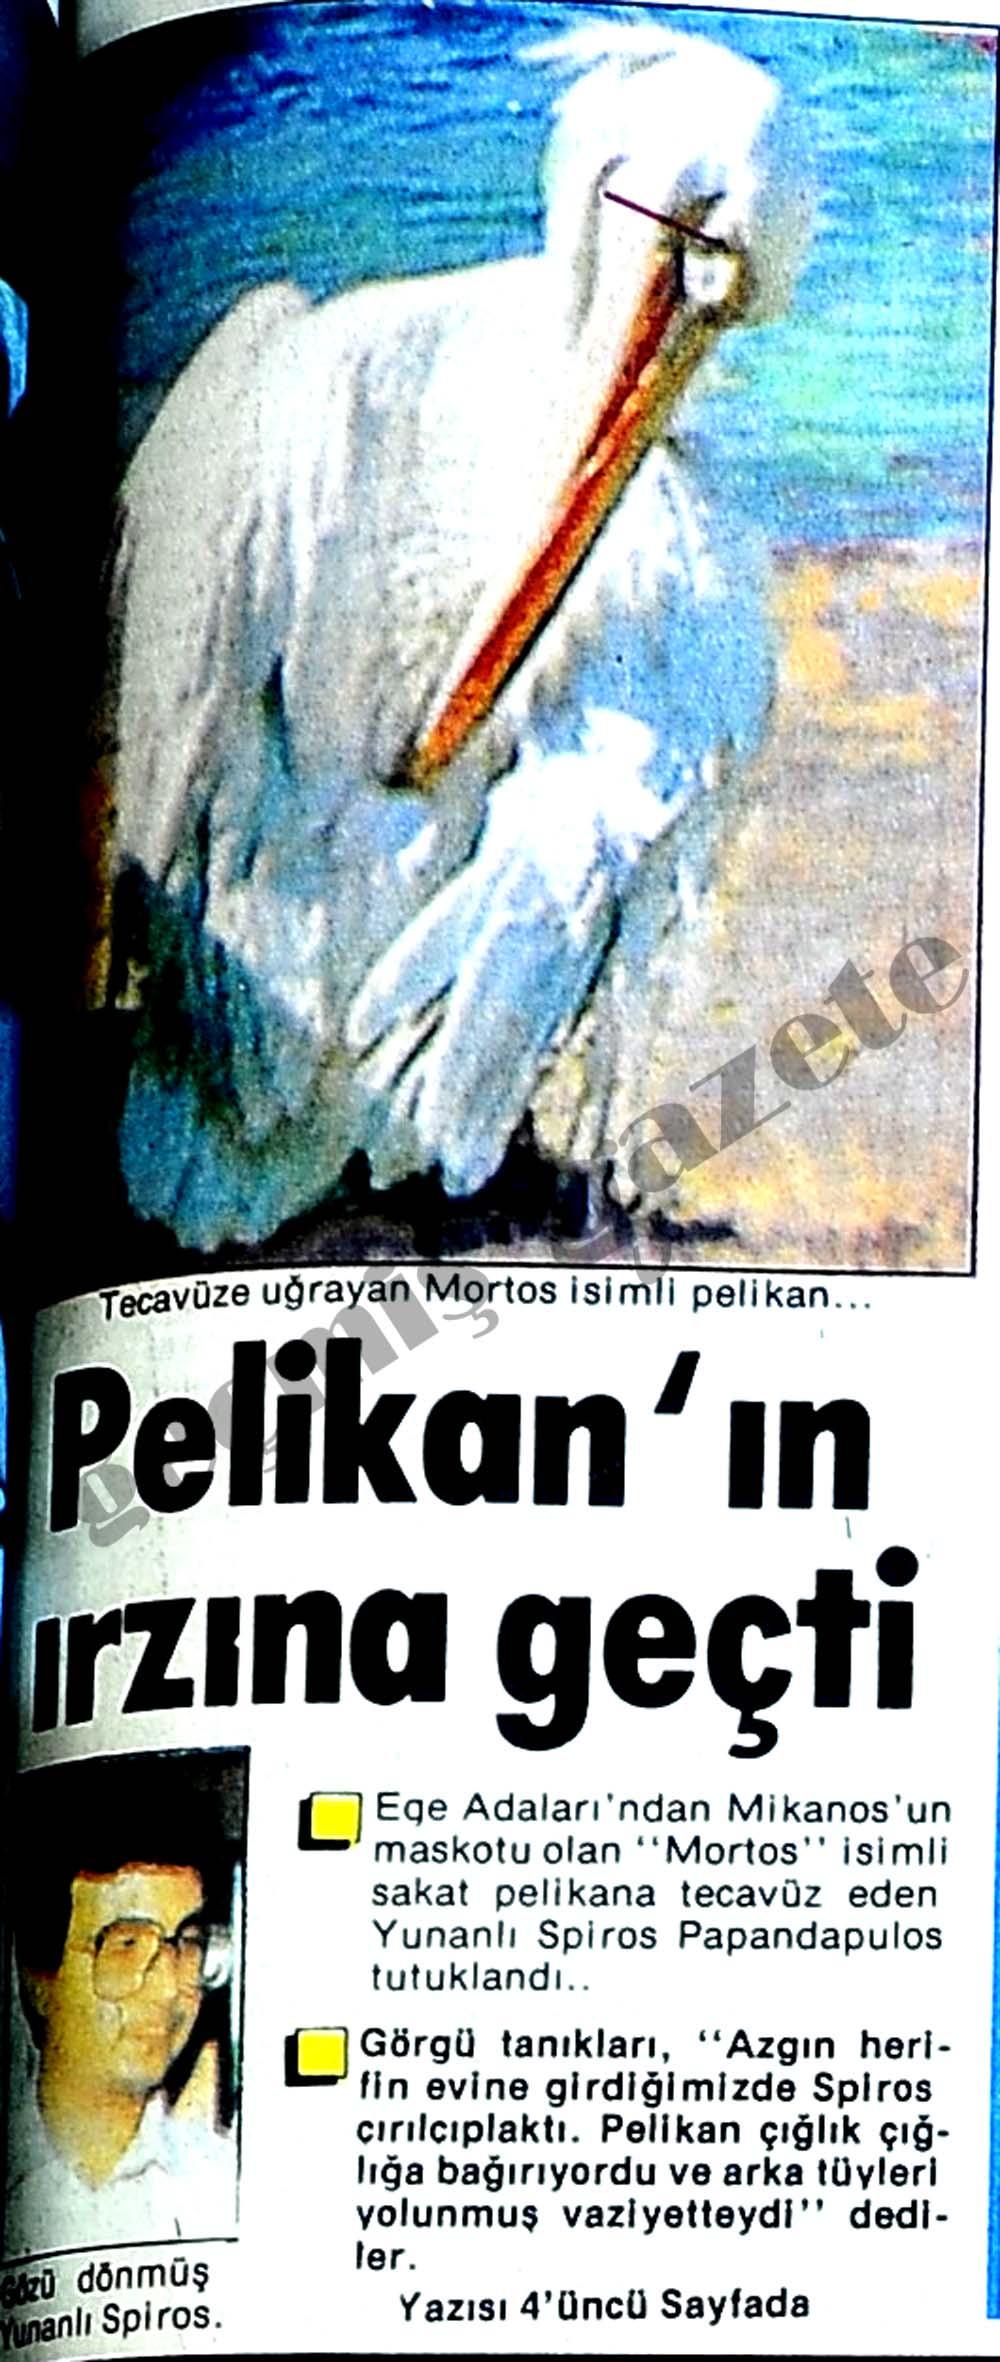 Pelikan'ın ırzına geçti